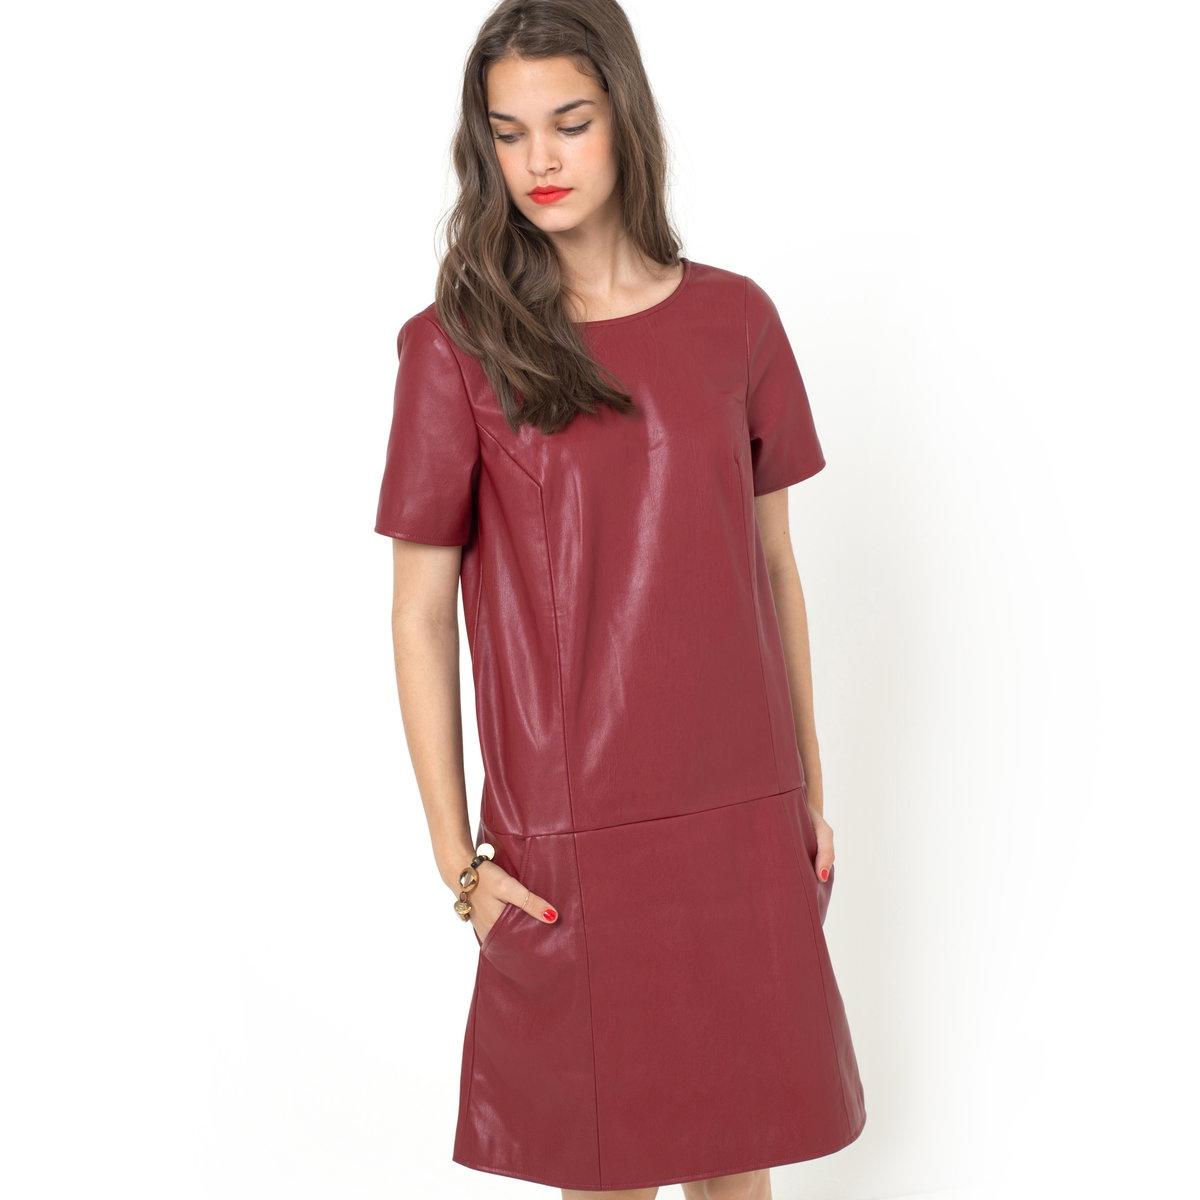 Платье из искусственной кожиПлатье из искусственной кожи, 100% полиэстера. Круглый вырез спереди и V-образный сзади. Короткие рукава. Застежка на скрытую молнию сзади. Отрезное по талии, заниженная линия отреза. 2 косых кармана спереди. Длина 88 см.<br><br>Цвет: бордовый<br>Размер: 38 (FR) - 44 (RUS)